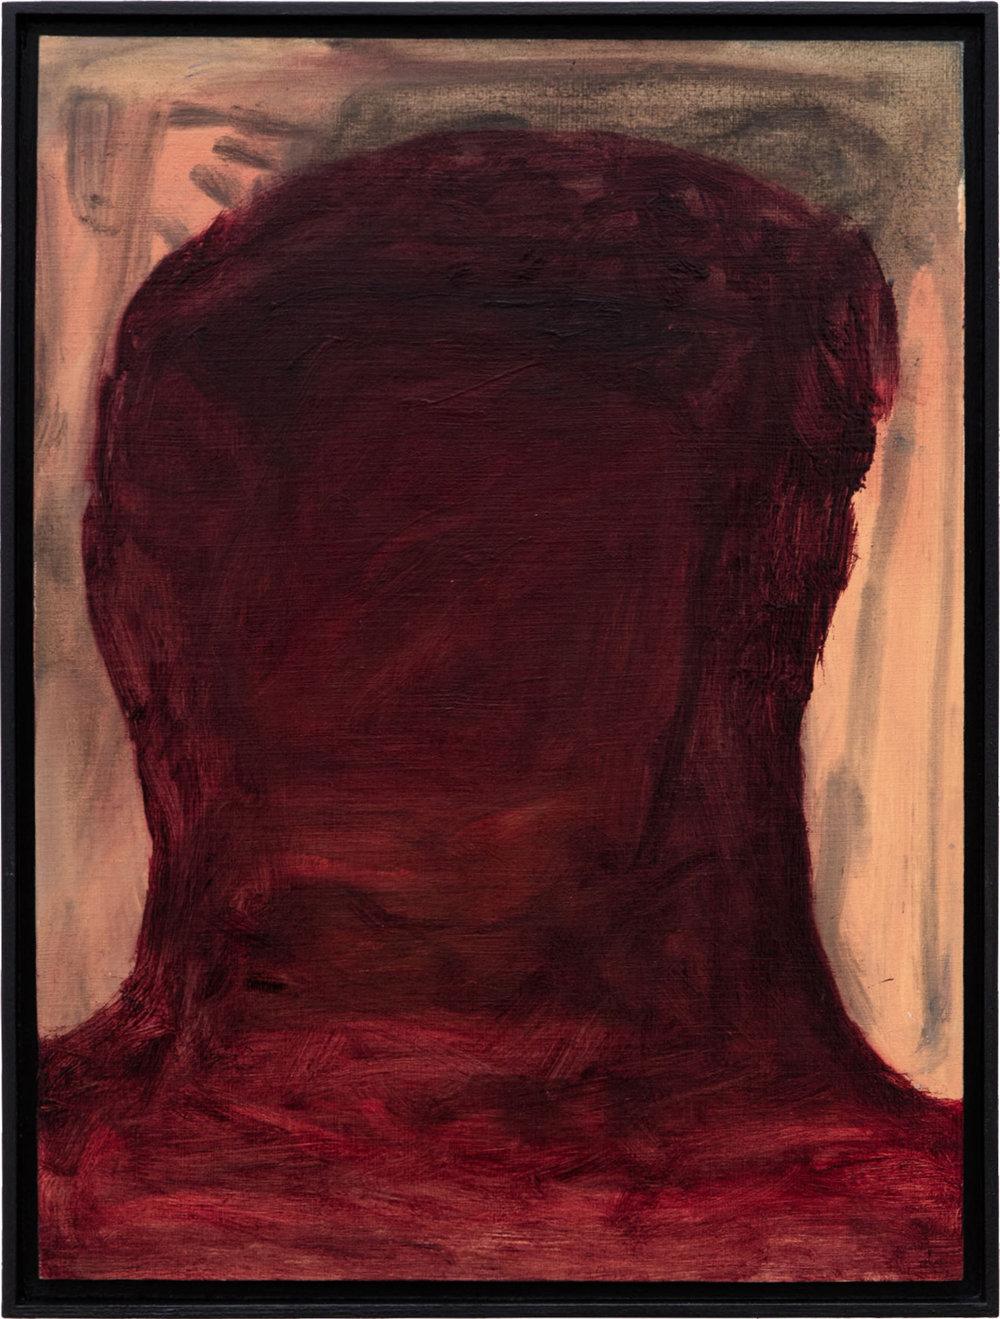 Ohne Titel, Öl auf Papier auf MDF in Künstlerrahmen, 39,6 x 29,6 cm